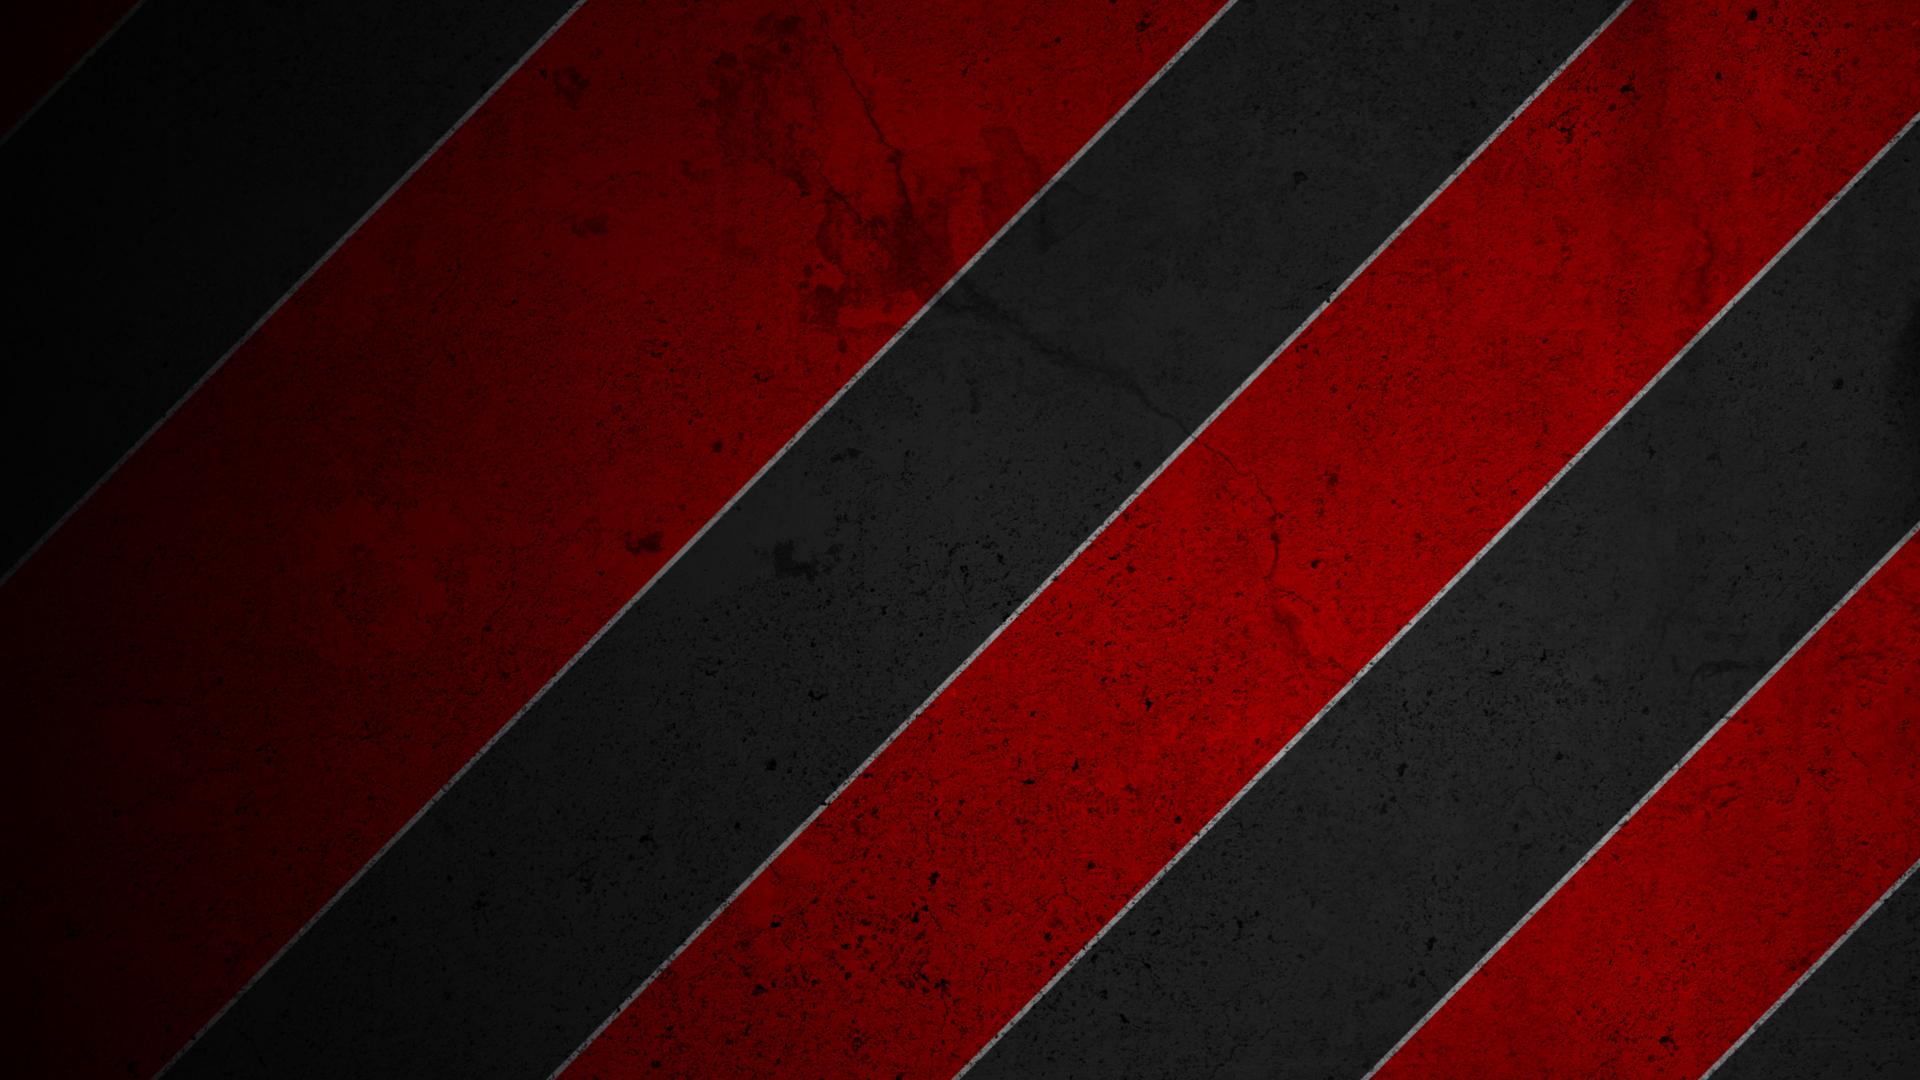 Red and Grey Wallpaper - WallpaperSafari